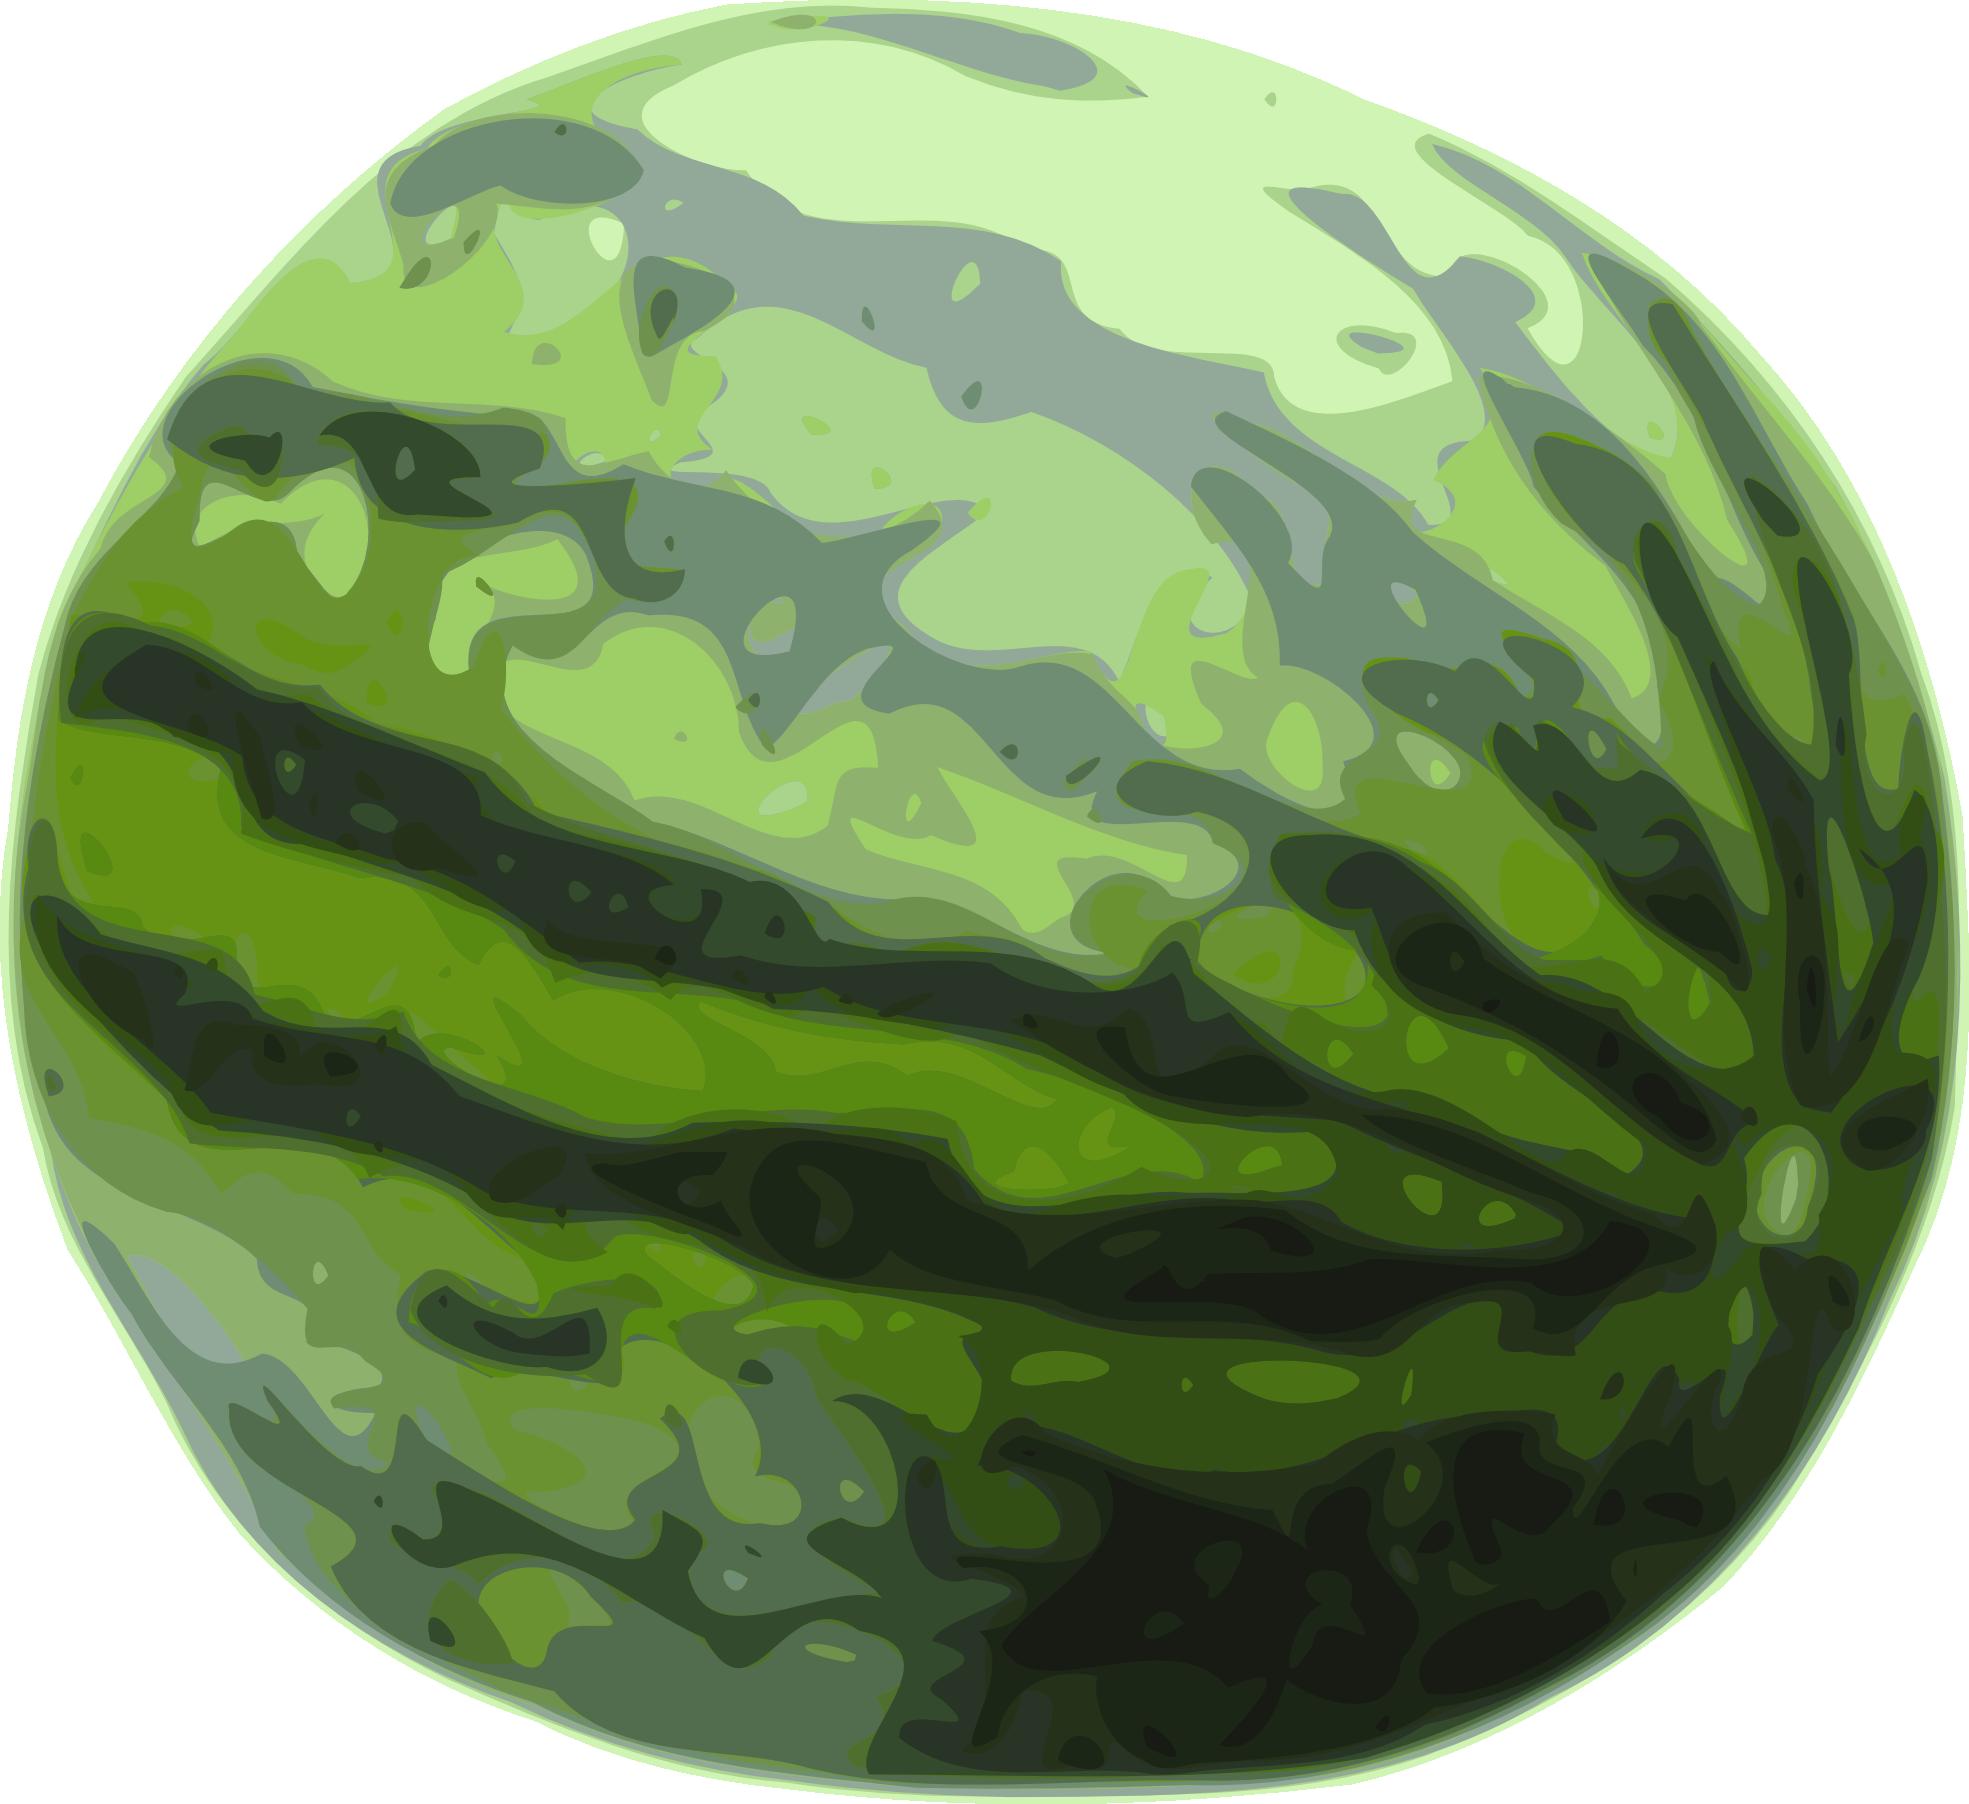 Watermelon clipart transparent clipartxtras